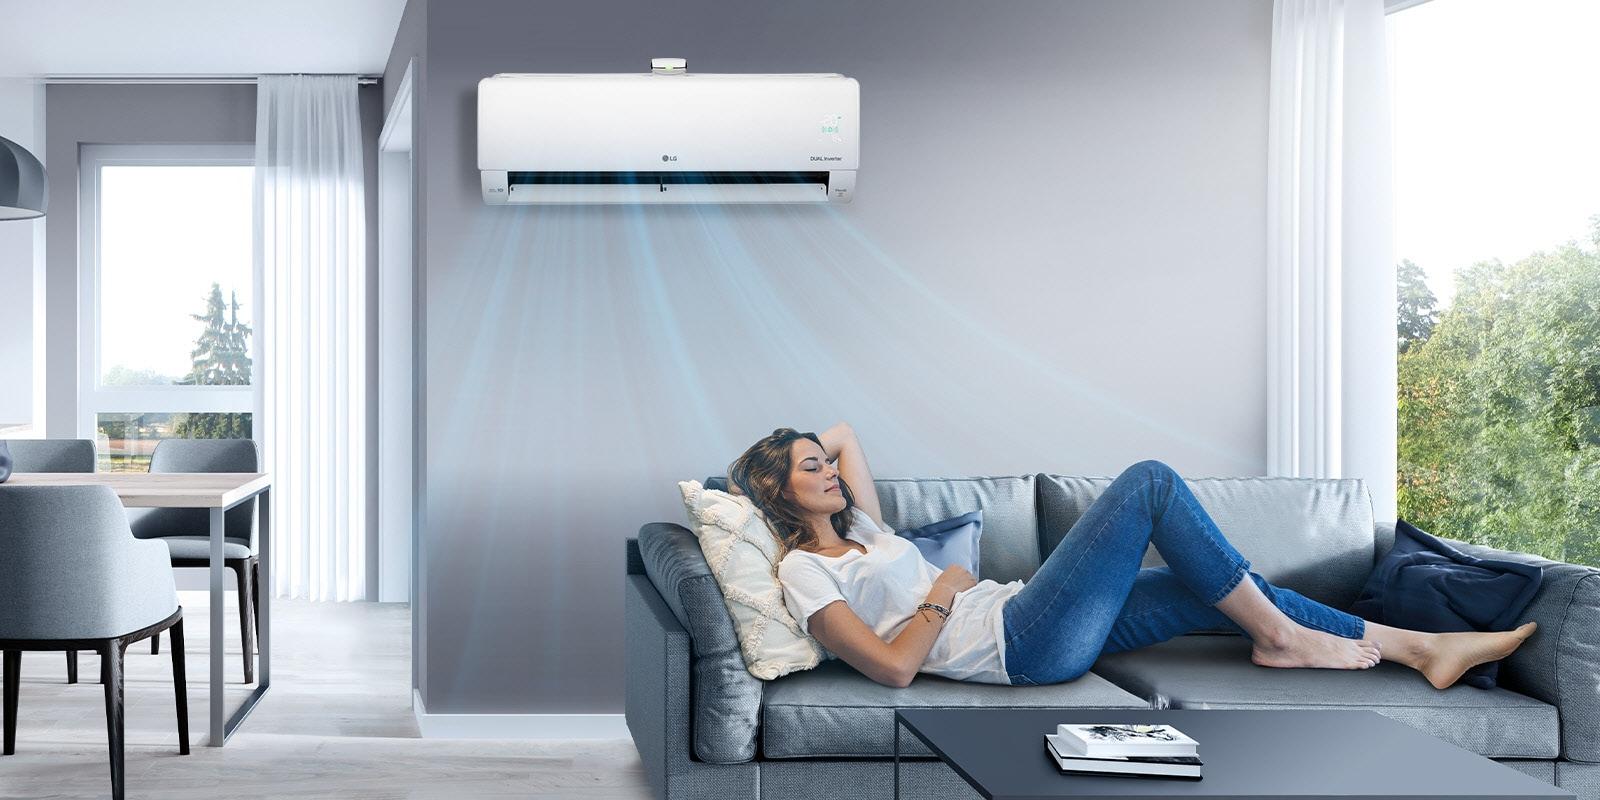 女人坐在客廳的沙發上休息,牆上裝有 LG 空調。藍色氣流位於圖片上方,顯示已啟動且正在冷卻整個空間。